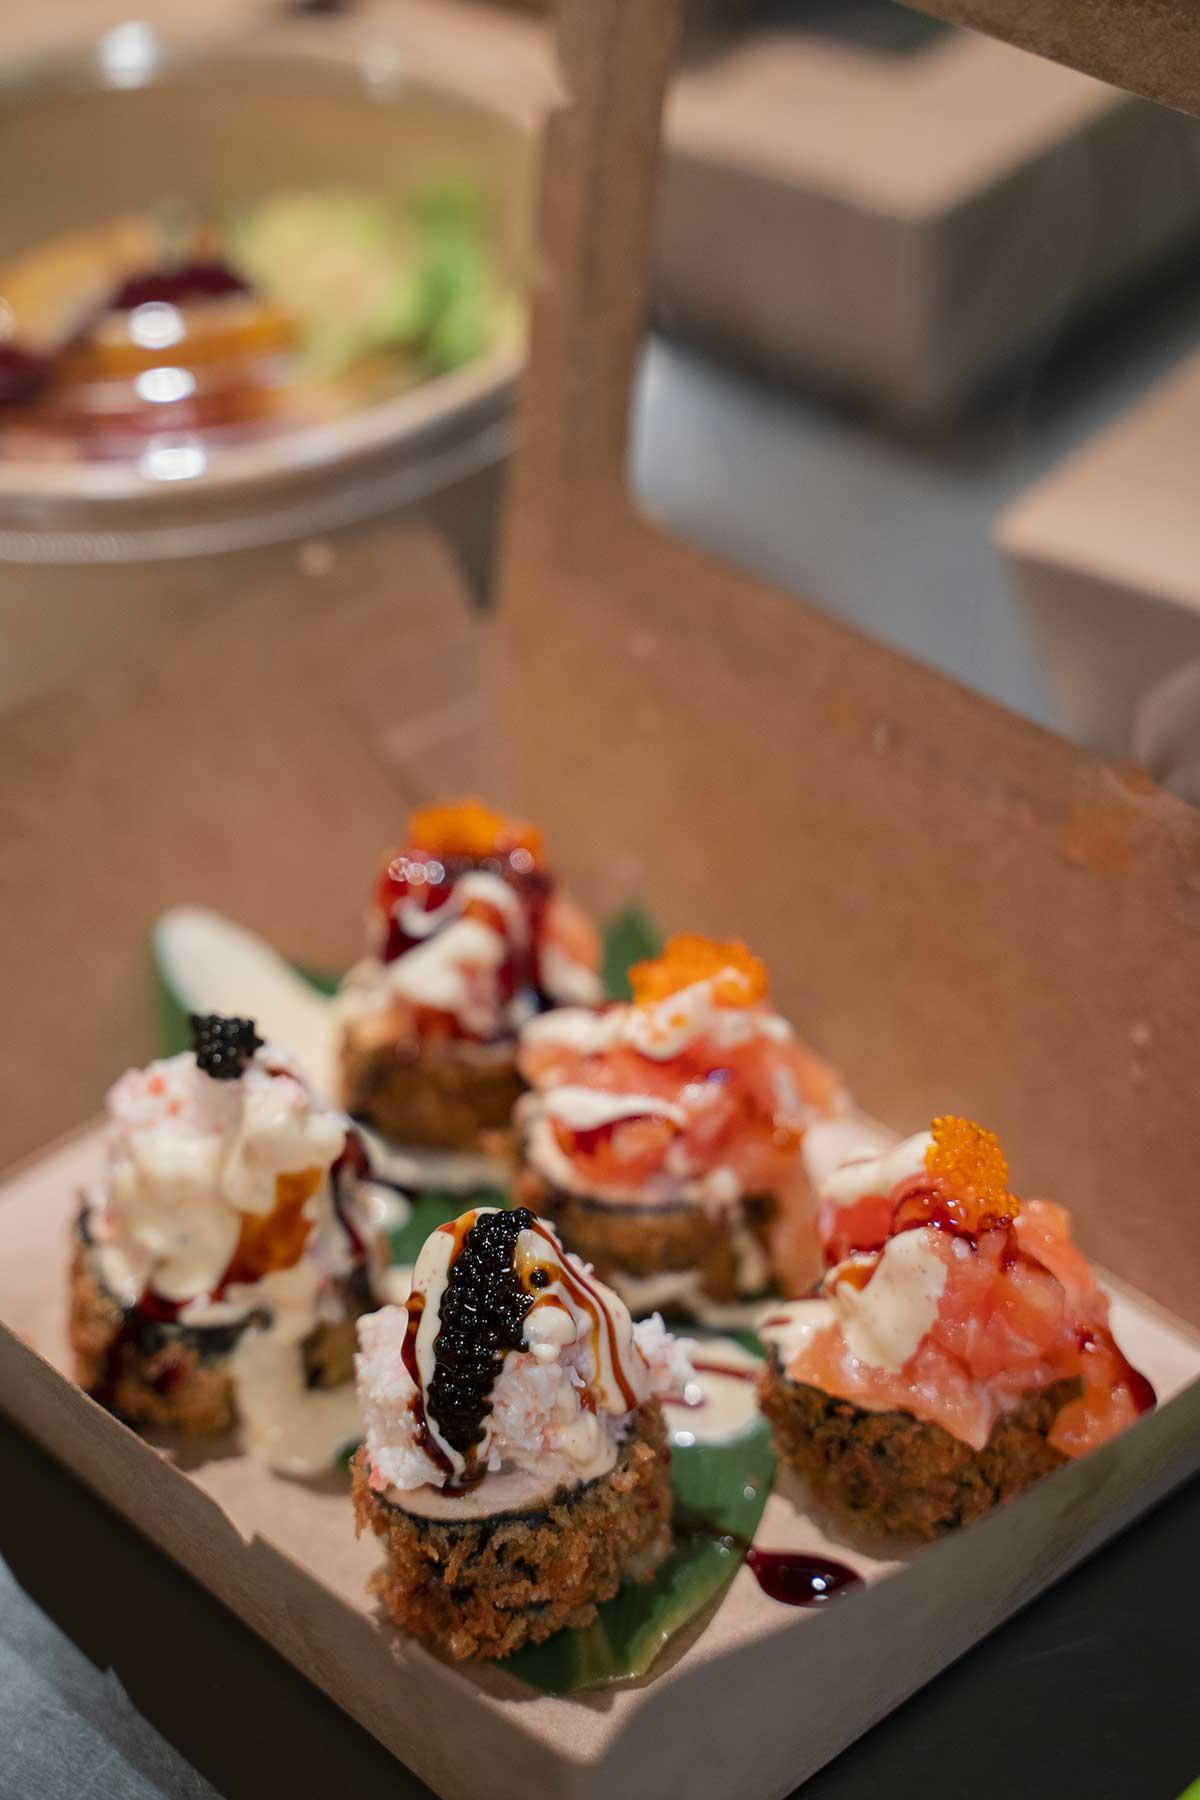 sushi-delivery-provinca-di-bergamo